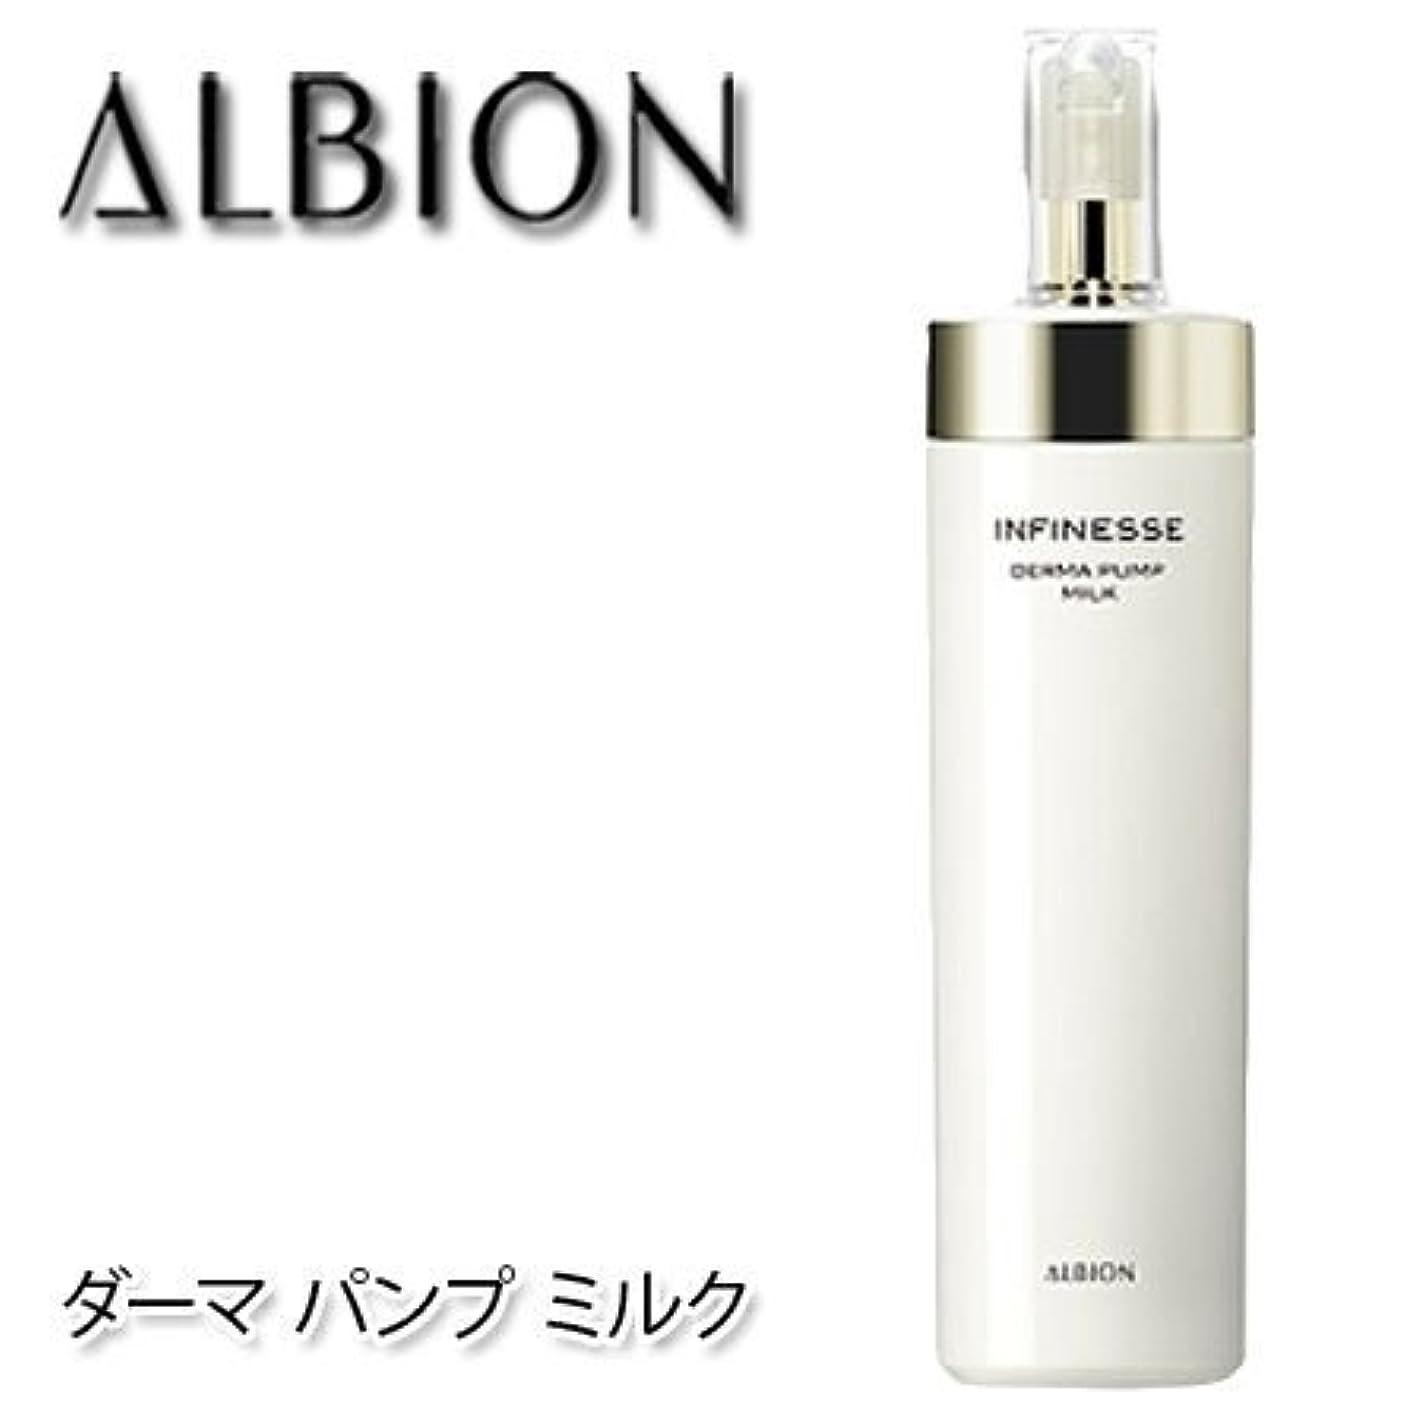 無しマーケティングラフアルビオン アンフィネス ダーマ パンプ ミルク 200g-ALBION-